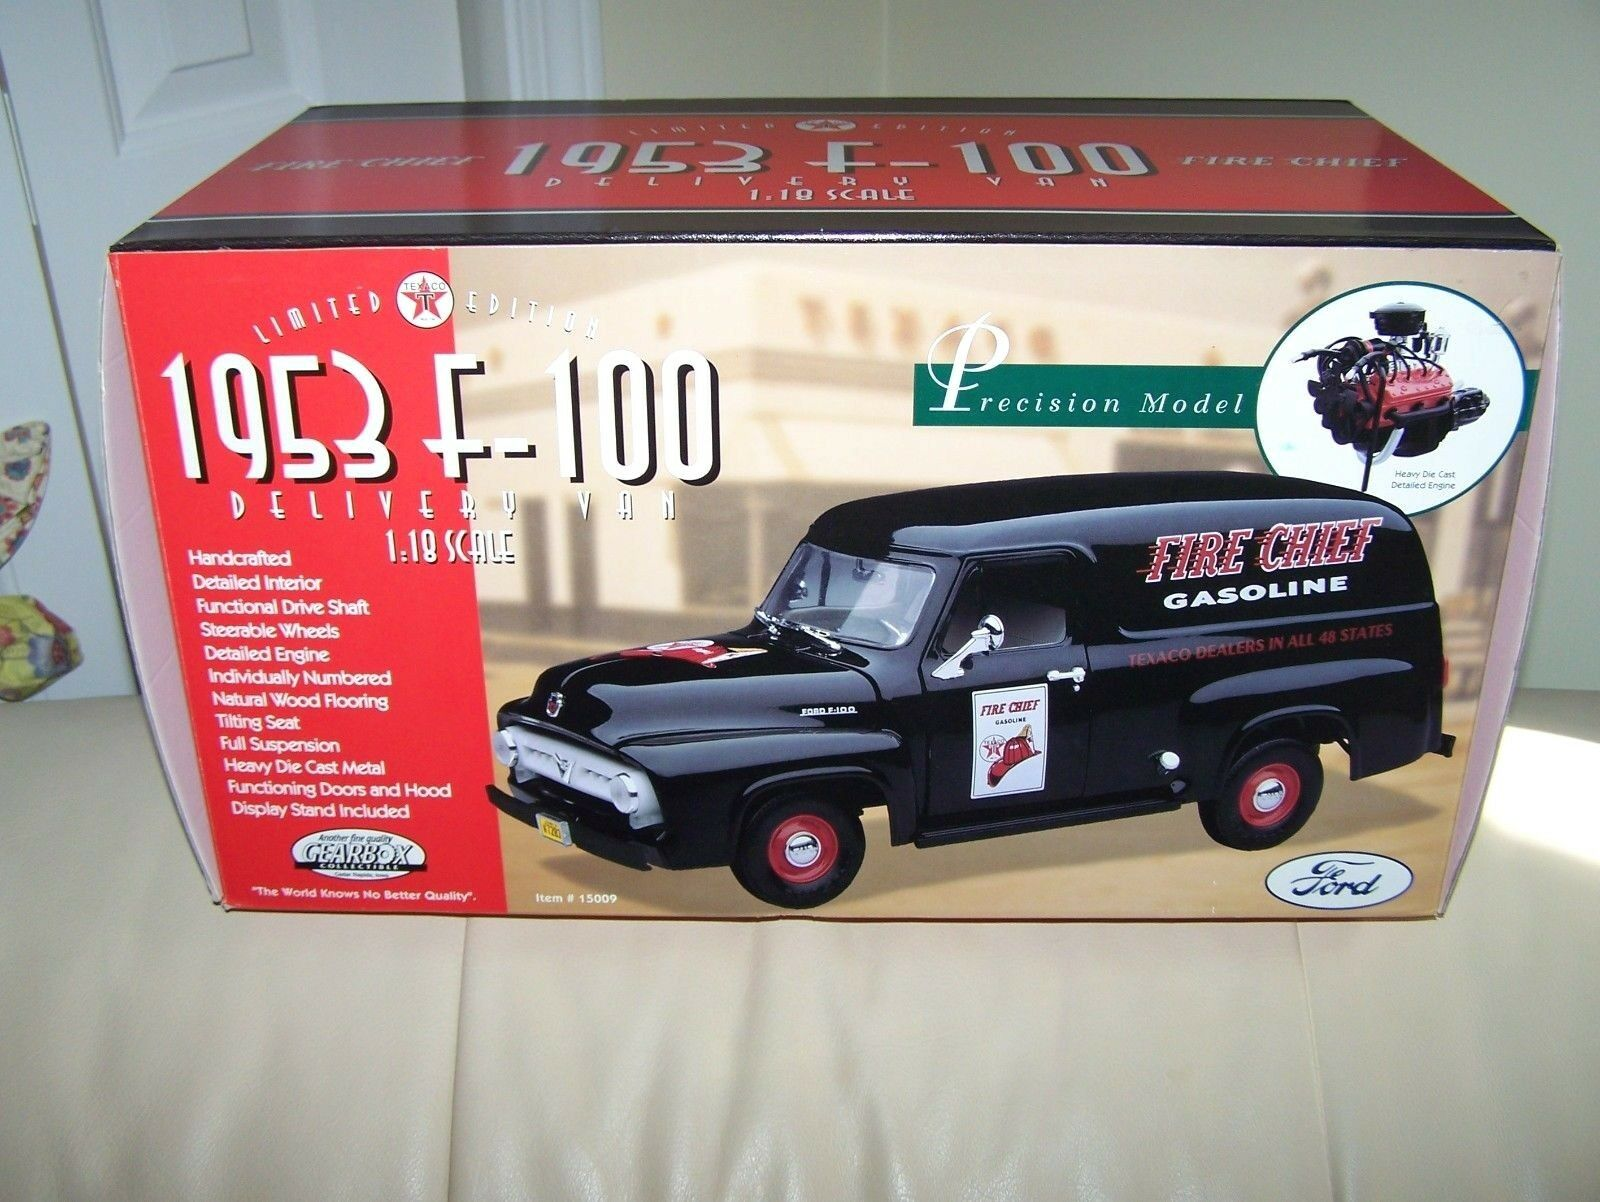 Texaco - getriebe - 1953 f-100 lieferwagen -   15009 - nie entfernt von box-mib